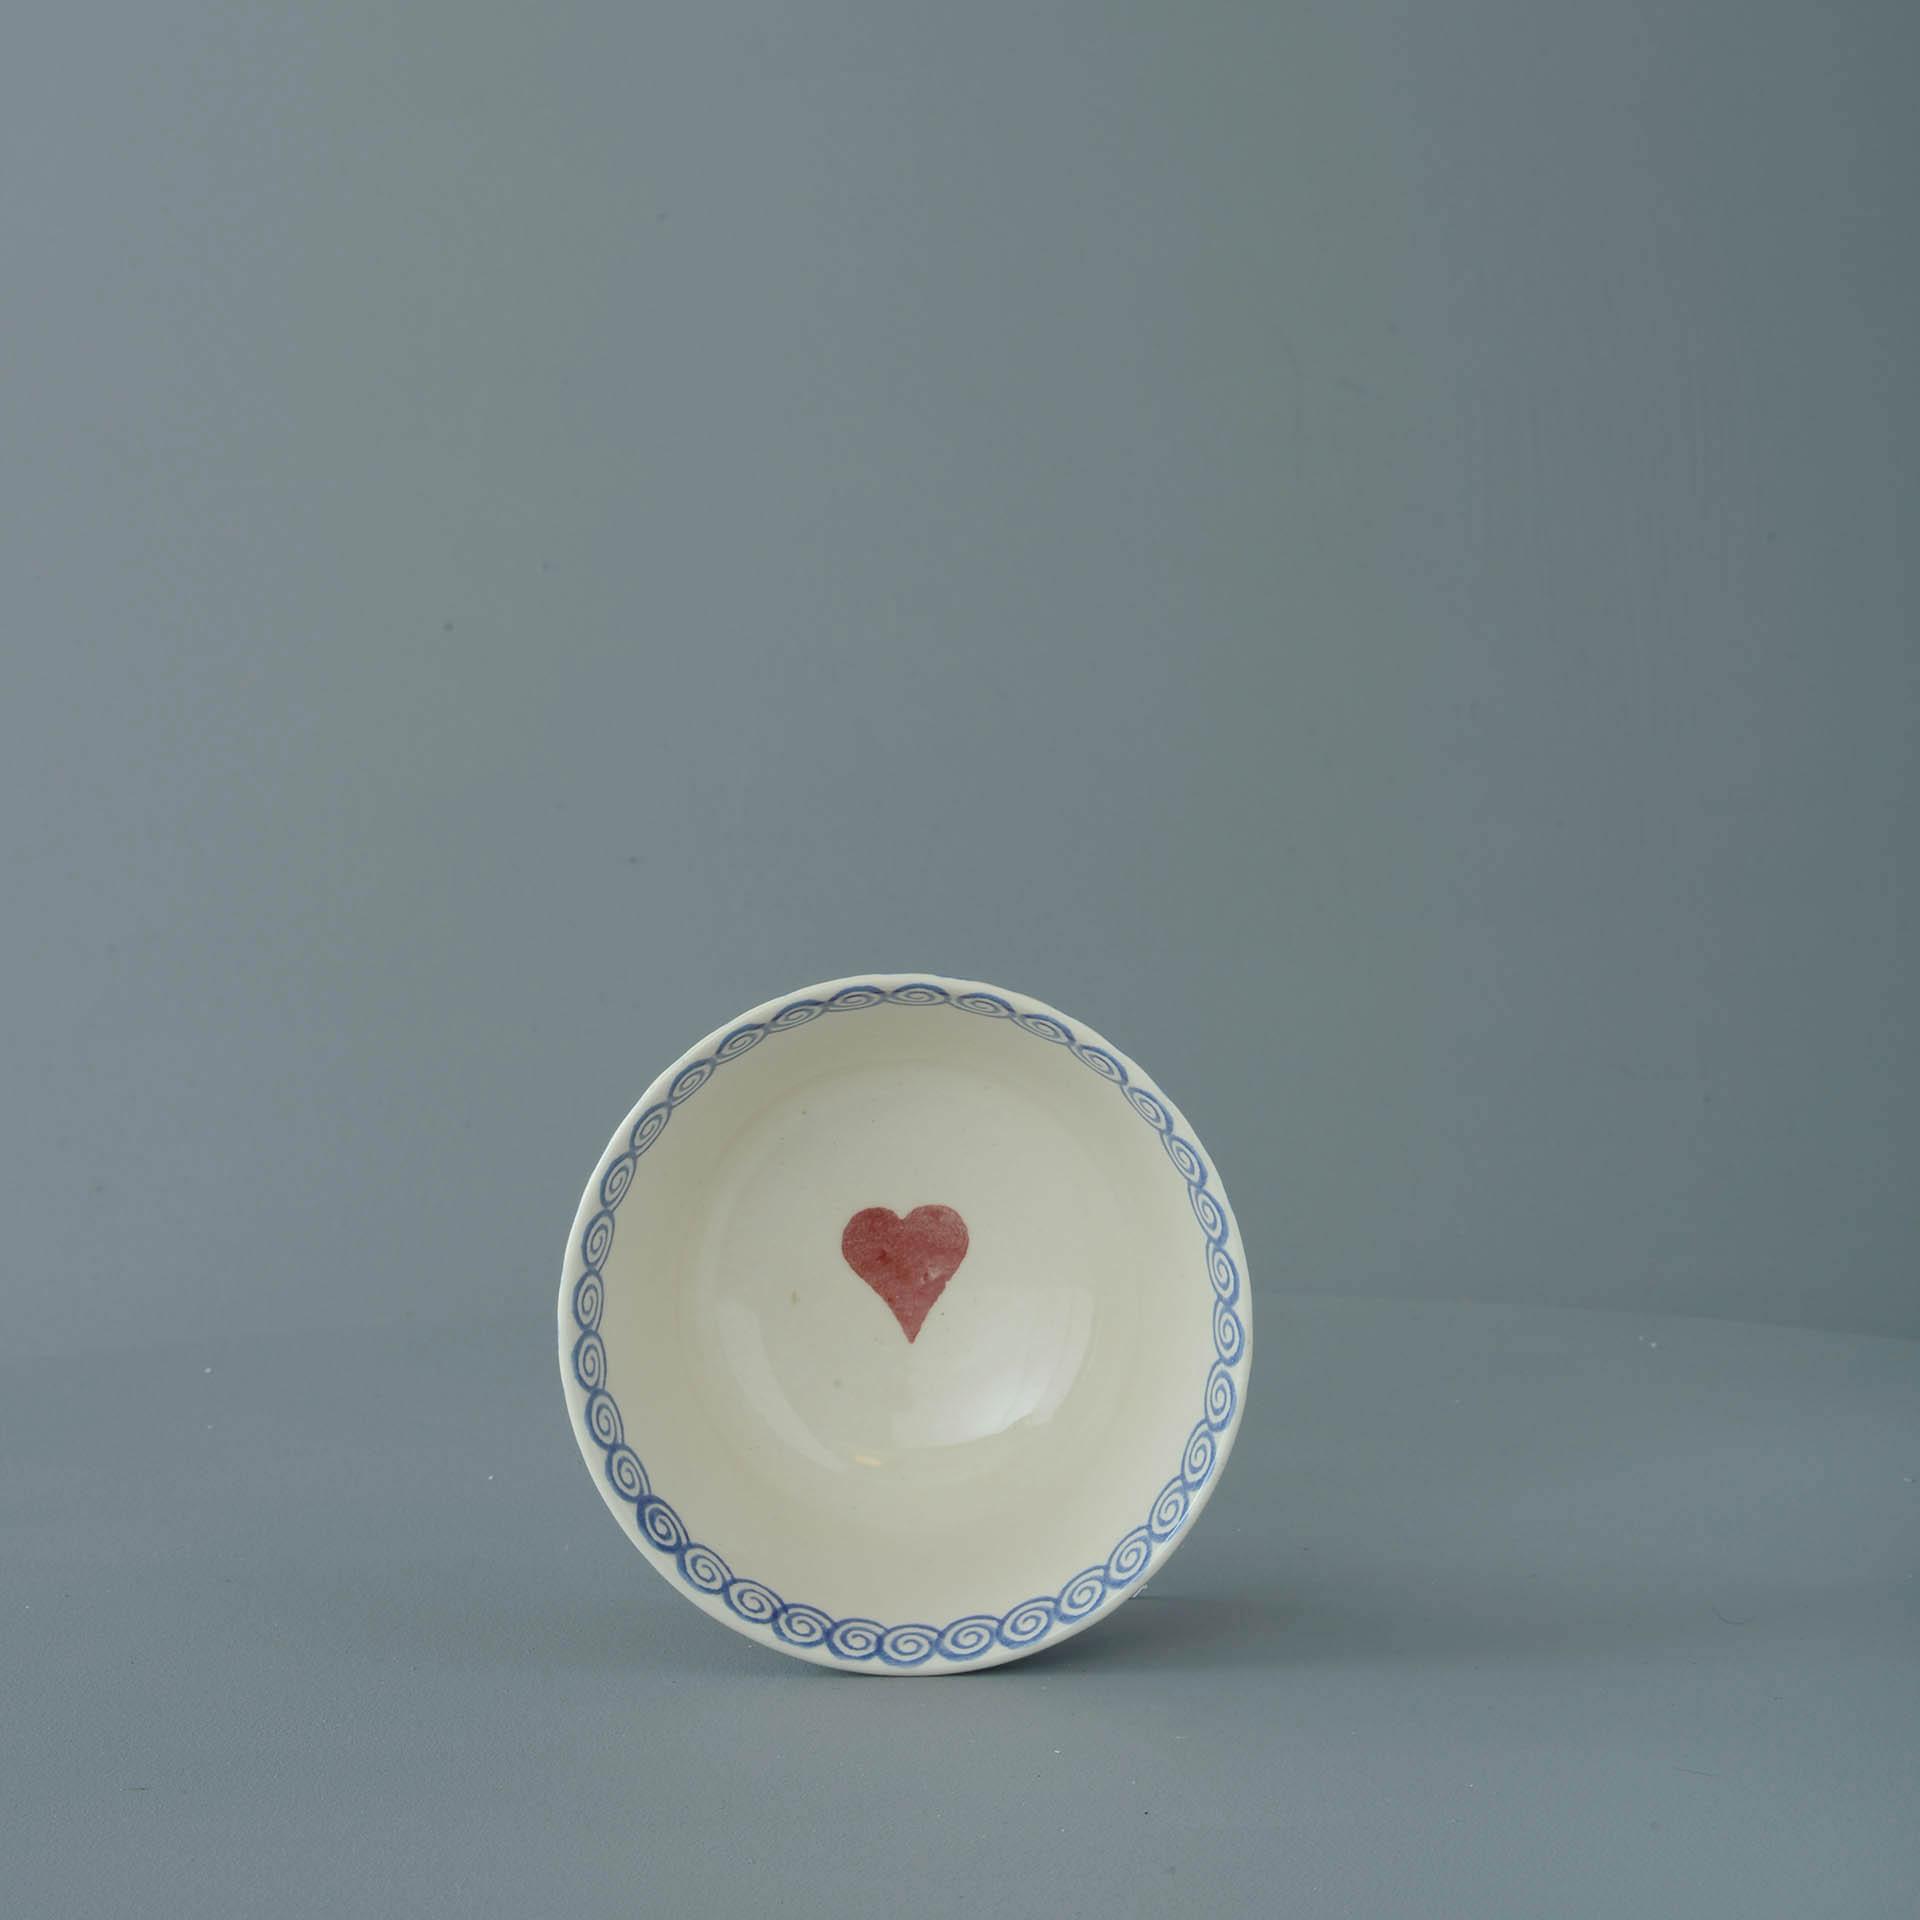 Hearts Small Bowl 6.5 x 12 cm